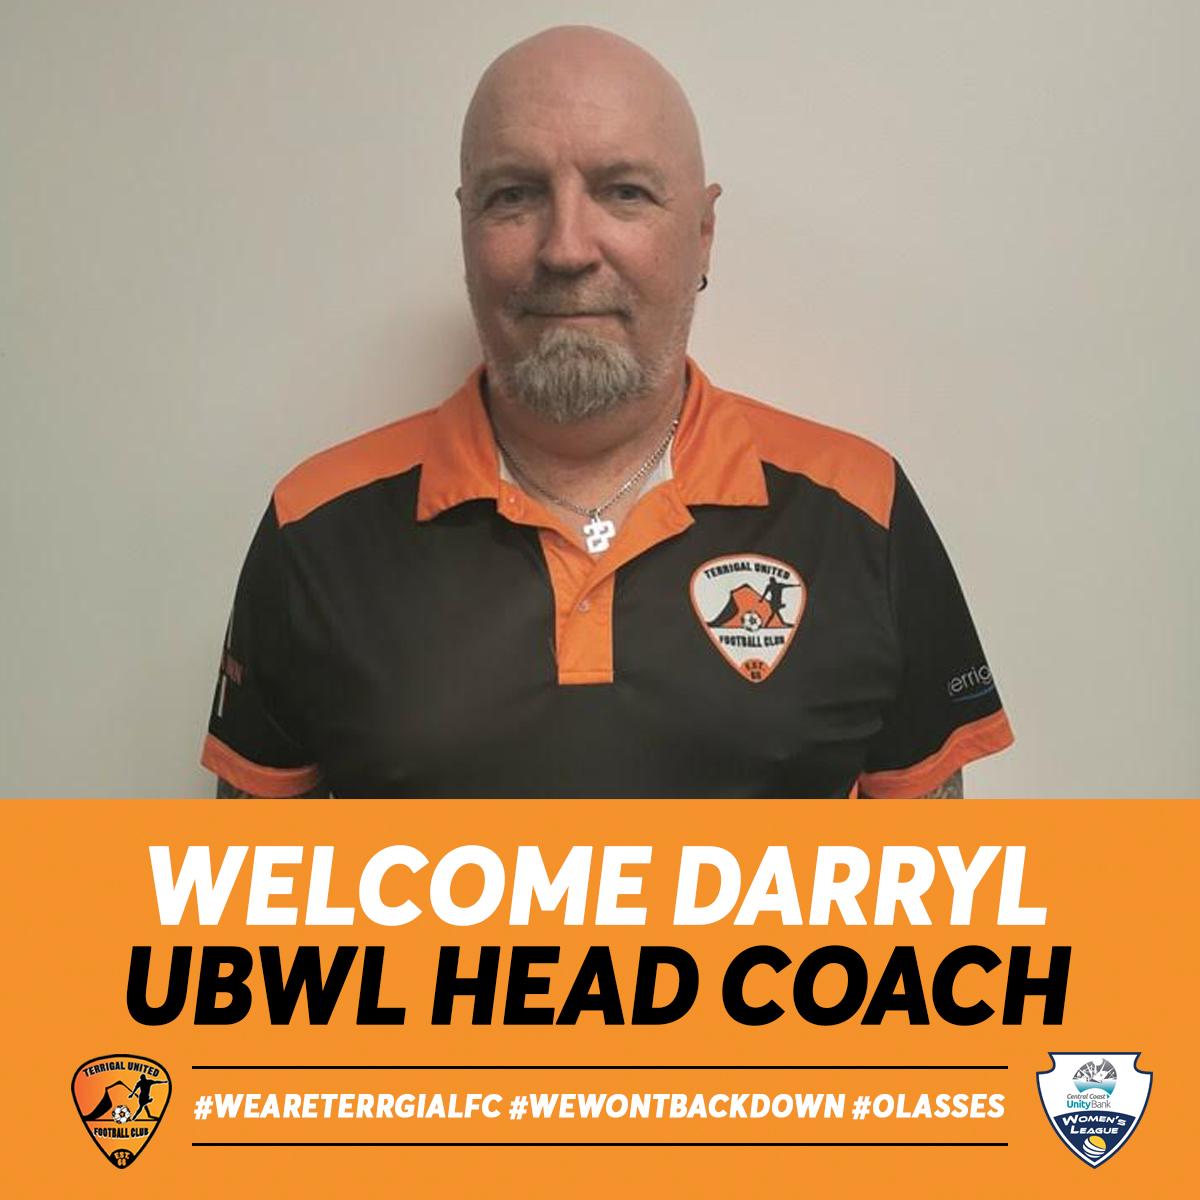 UBWL Head Coach Announcement:  Darryl Darke